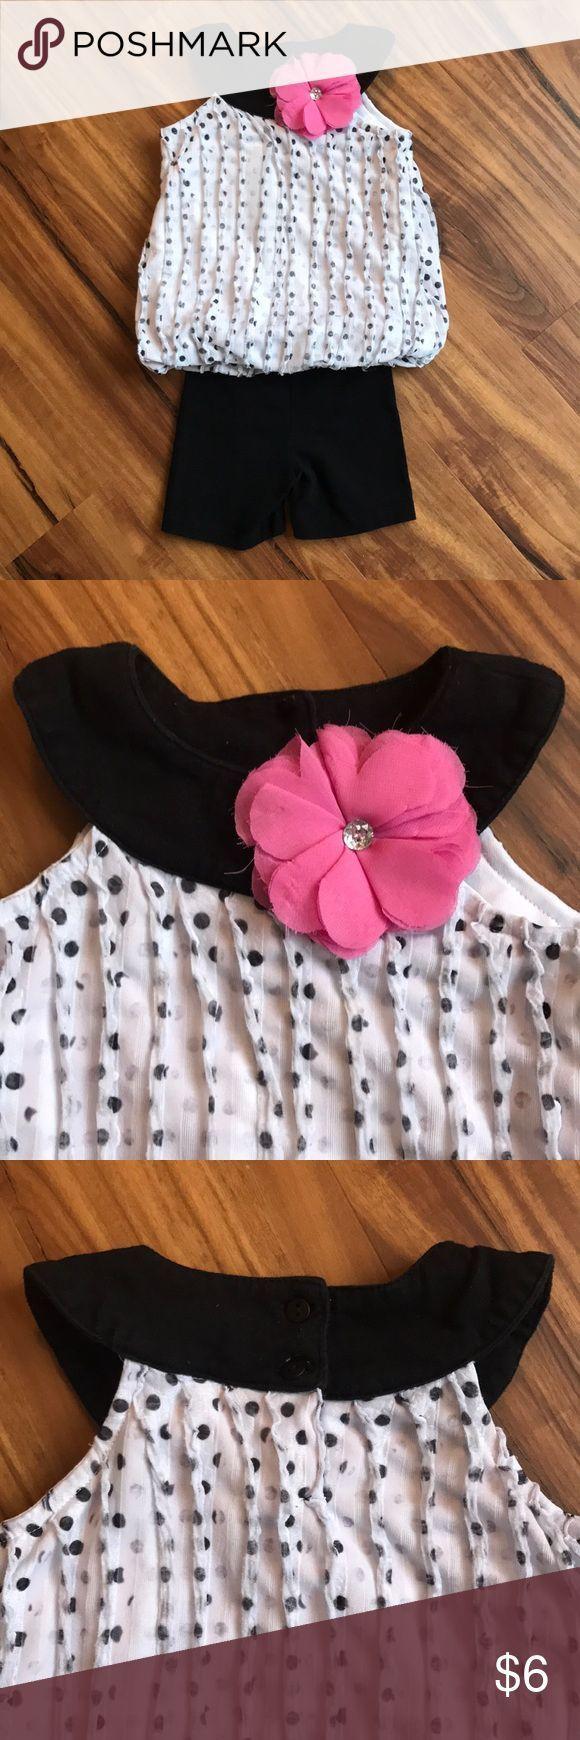 Zweiteiliges Outfit für Mädchen Zweiteiliges Outfit. Das Top ist weiß mit sch...